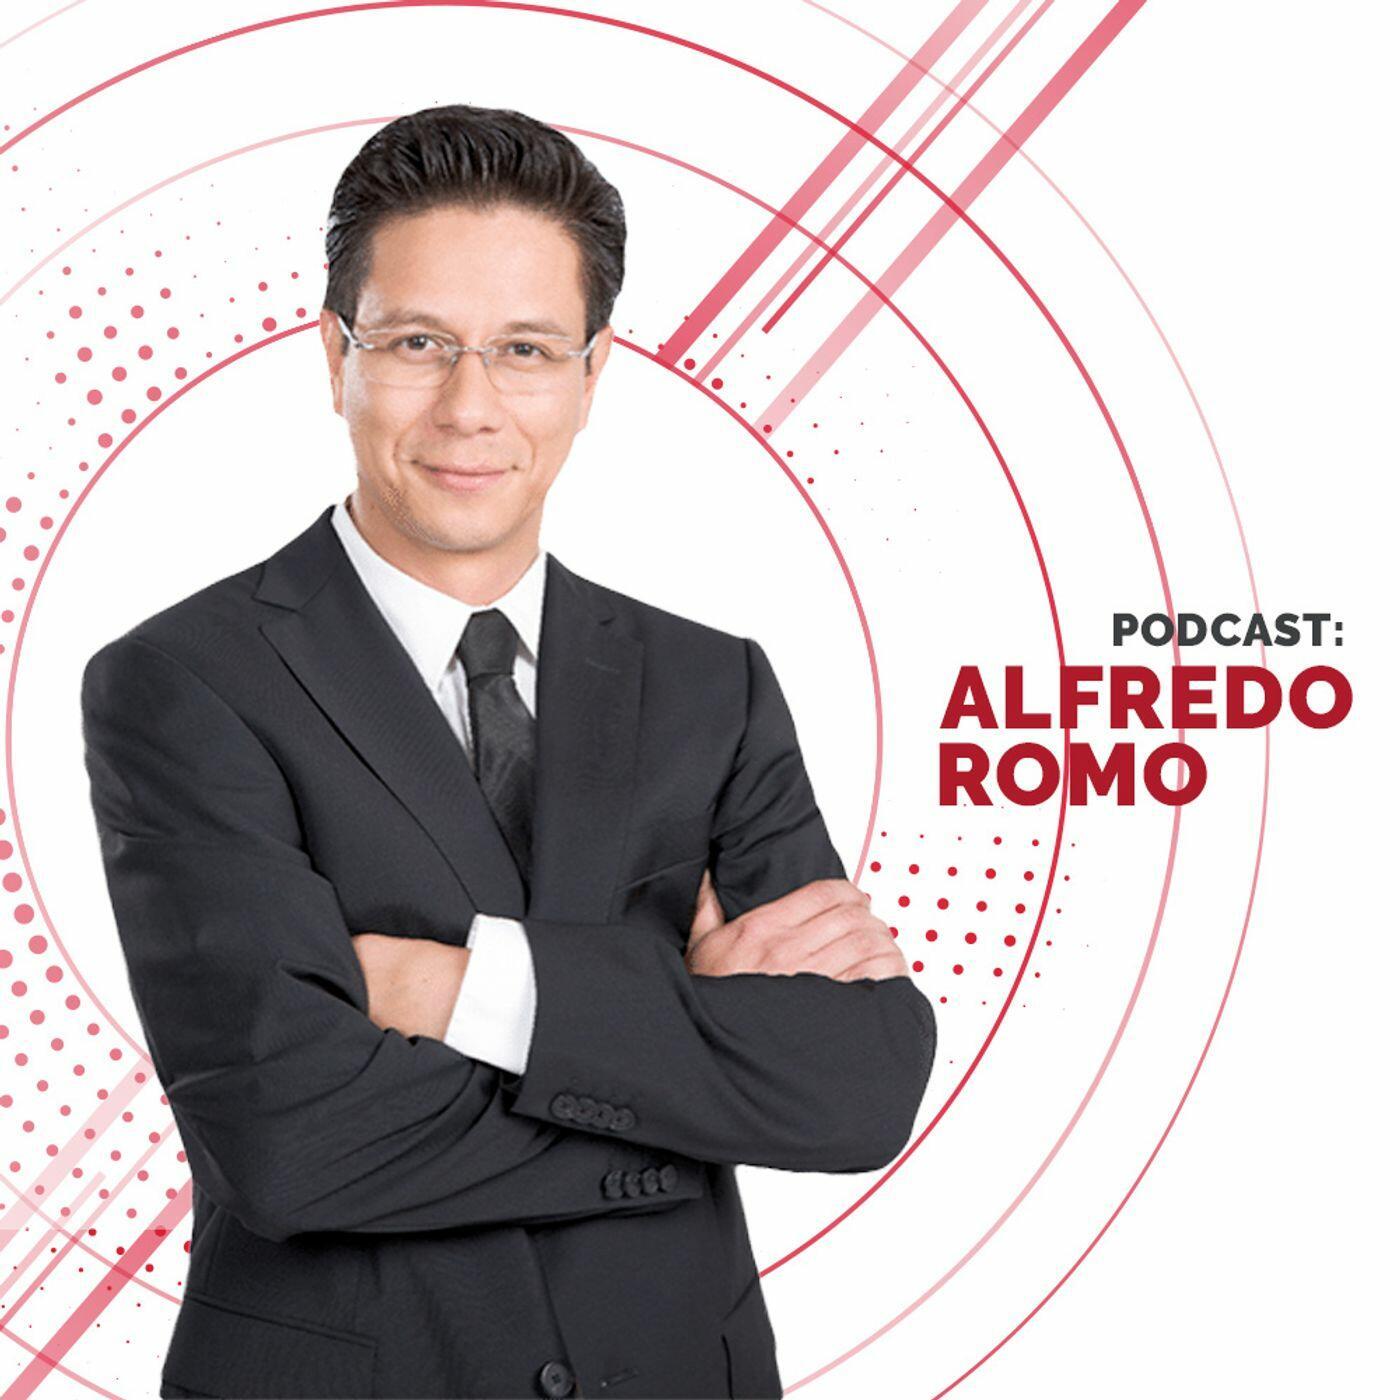 Listen to the Alfredo Romo en 889 Noticias Episode - ¿Consideras que sea justo que una persona pierda su trabajo por lo que pone en sus redes sociales? on iHeartRadio | iHeartRadio